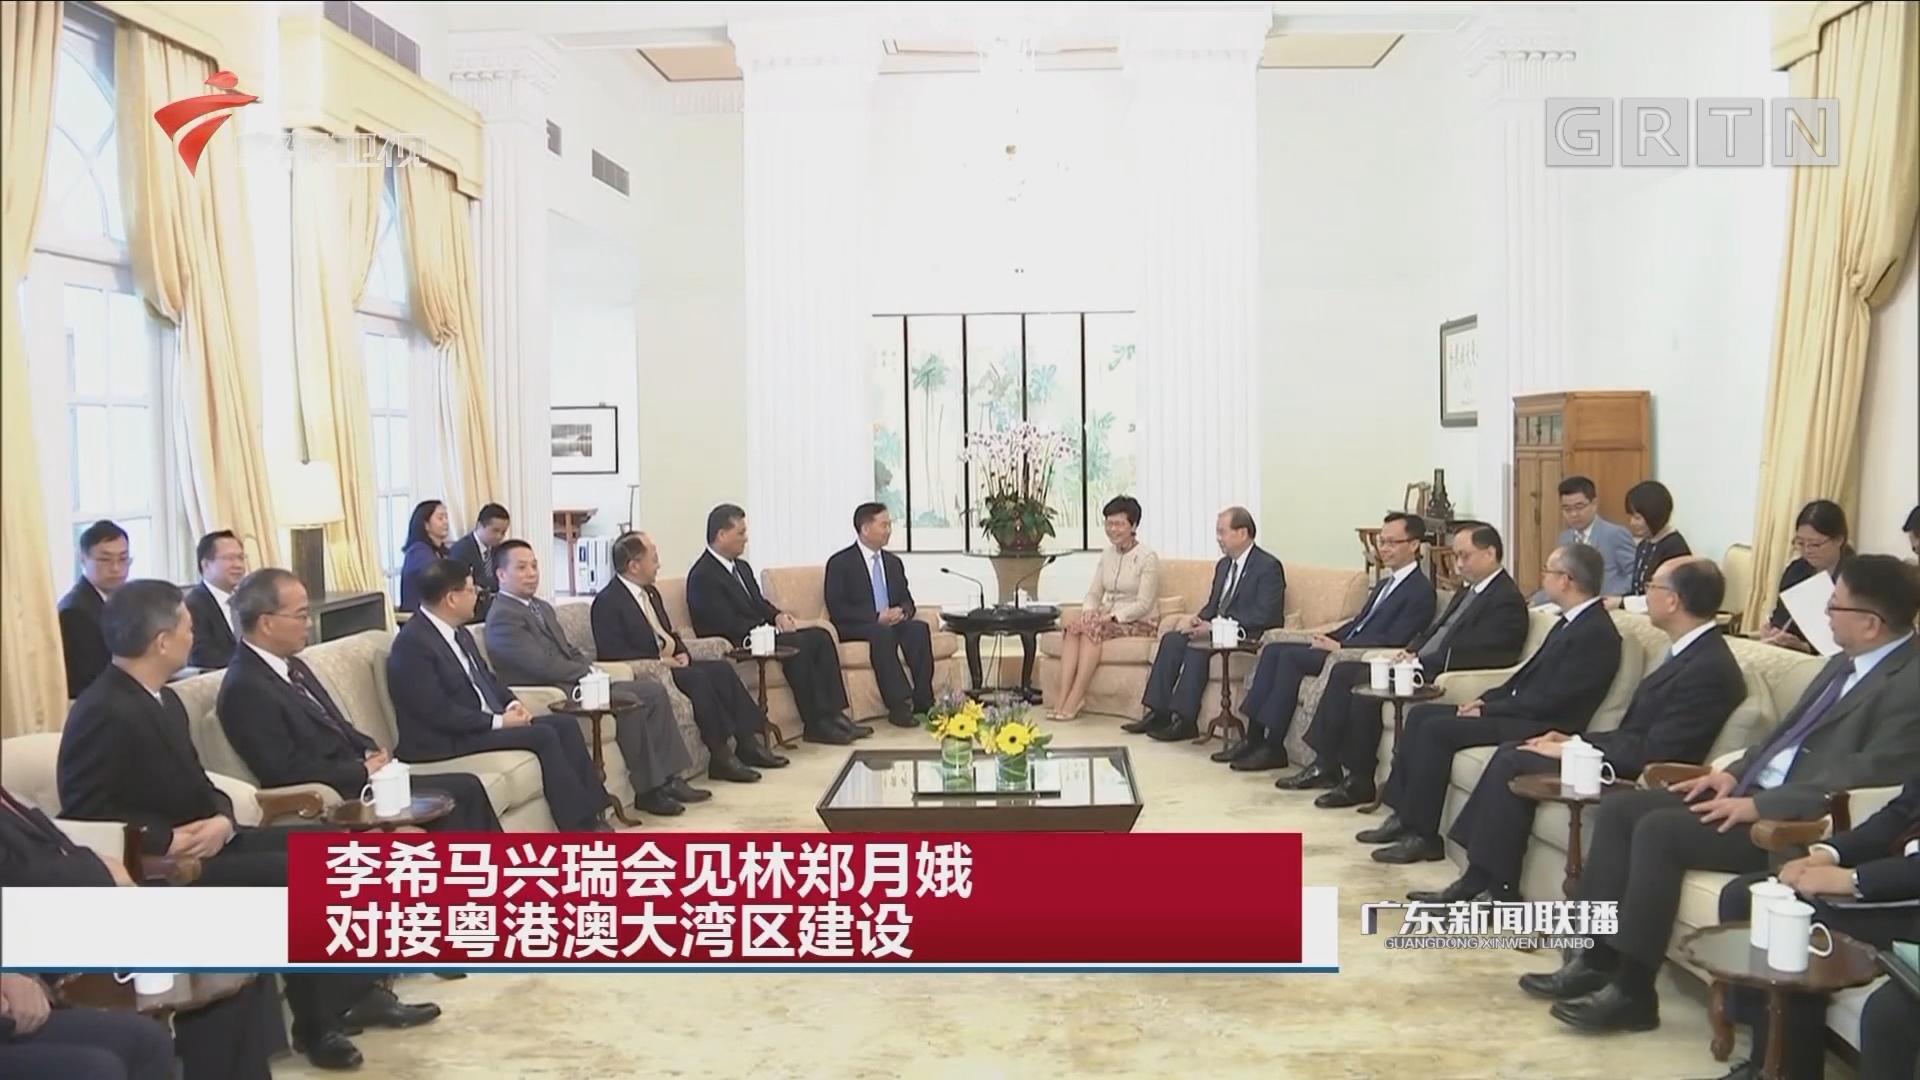 李希马兴瑞会见林郑月娥 对接粤港澳大湾区建设